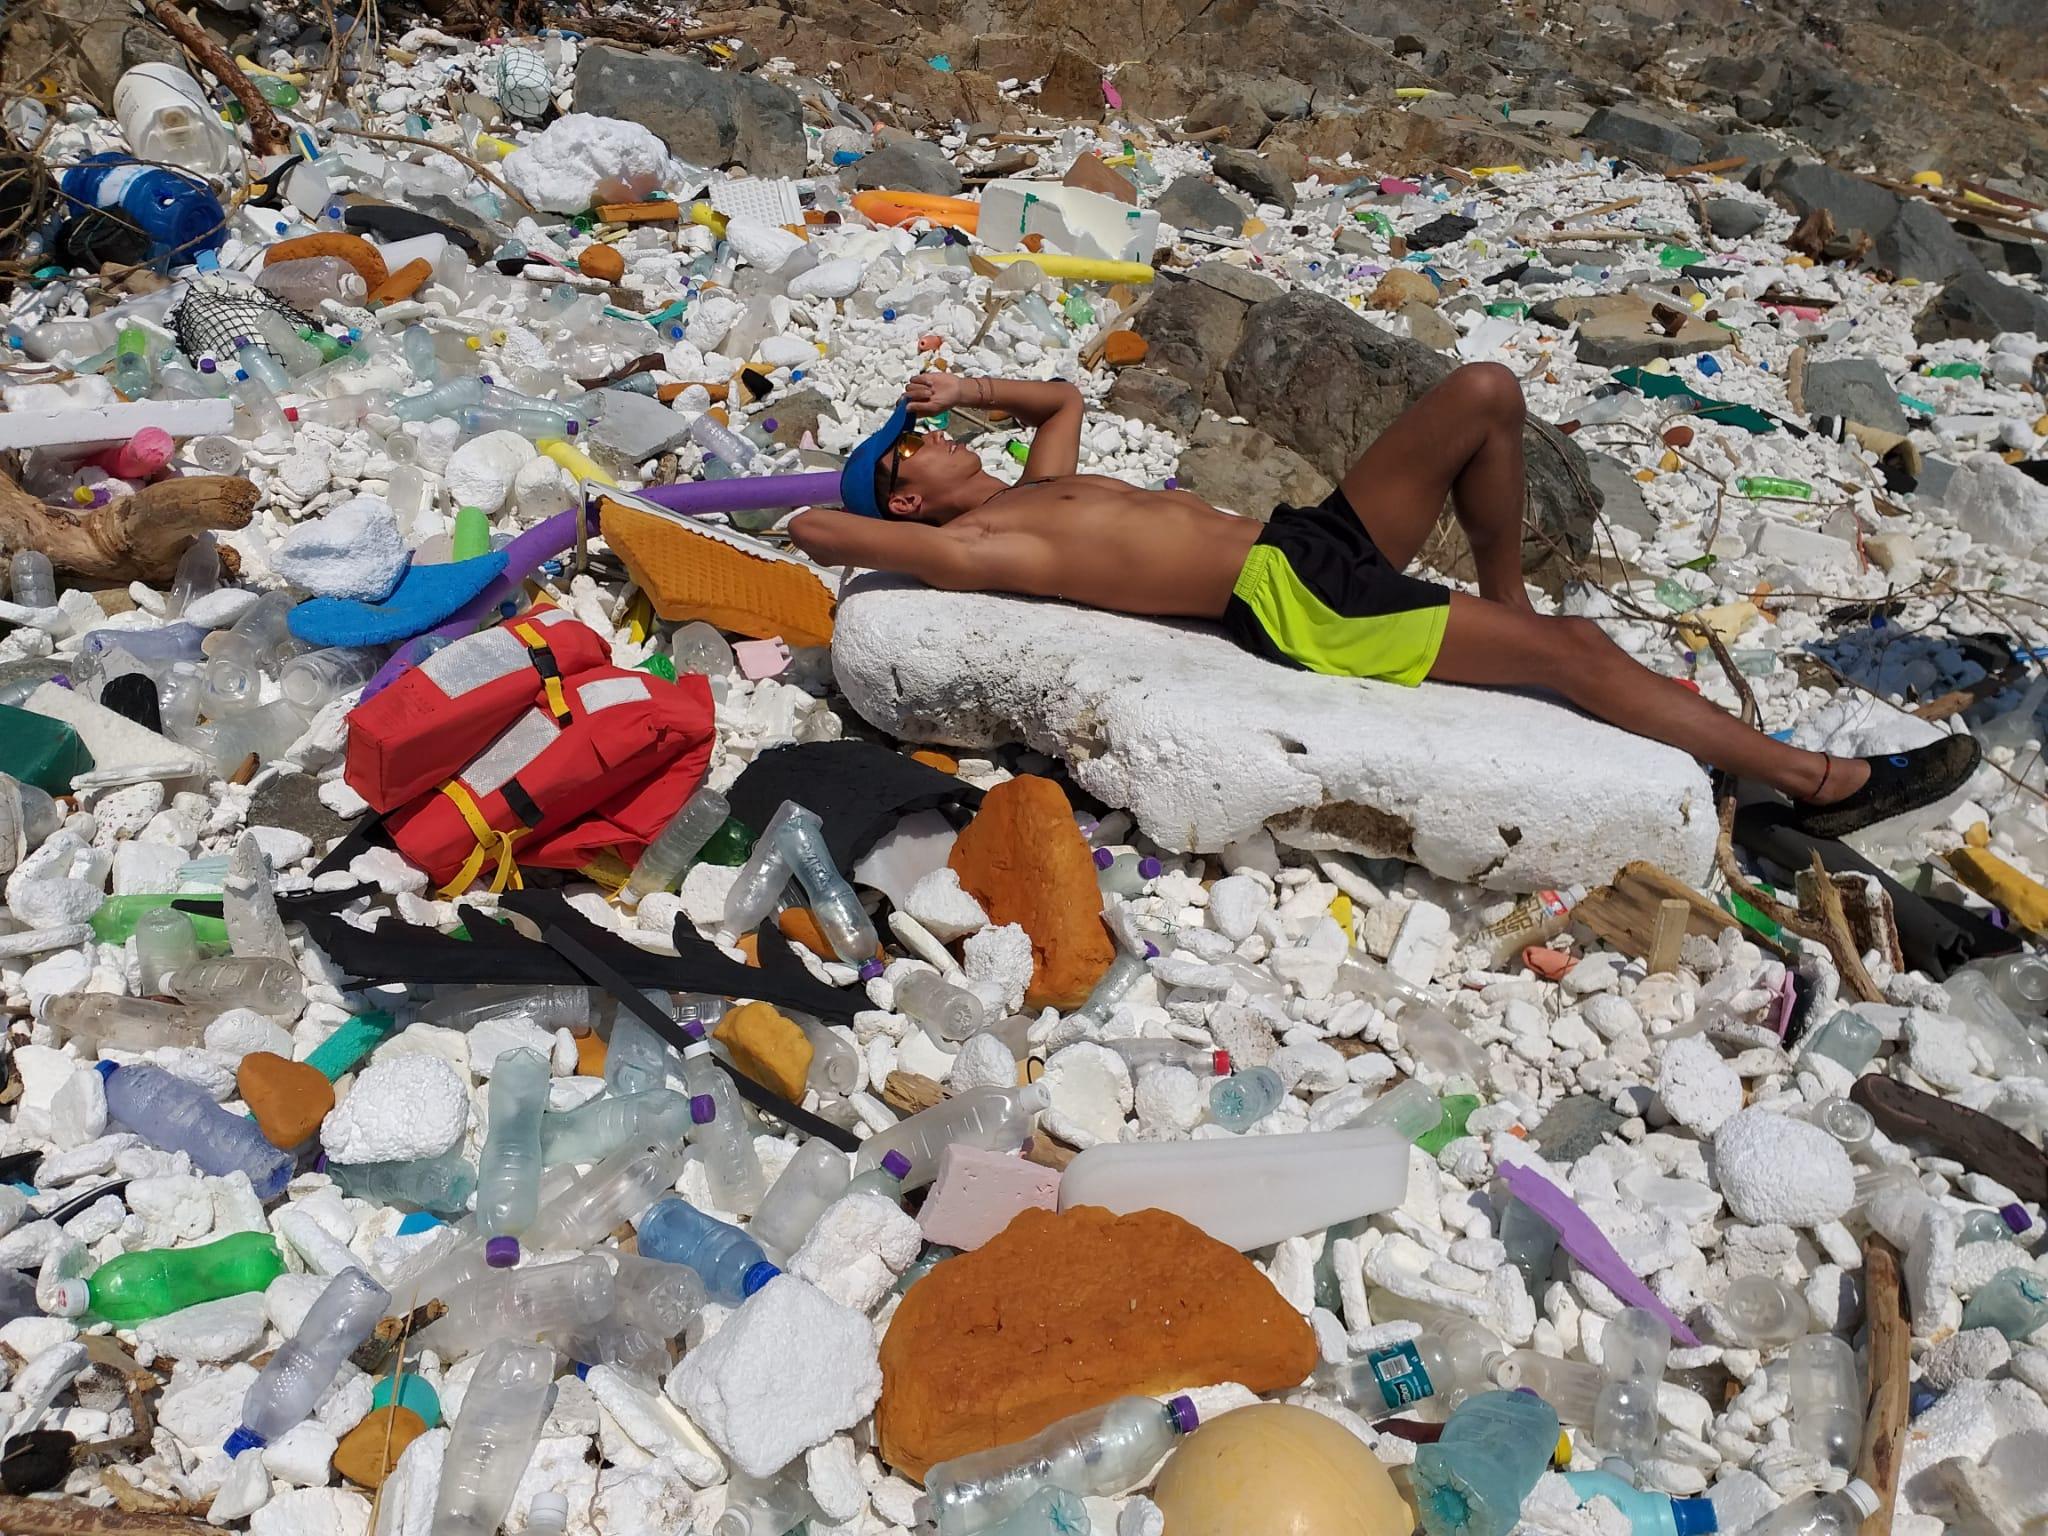 颱風山竹來襲時,把大量叢林塑膠吹到沙灘,當中更有一塊可供人躺臥。